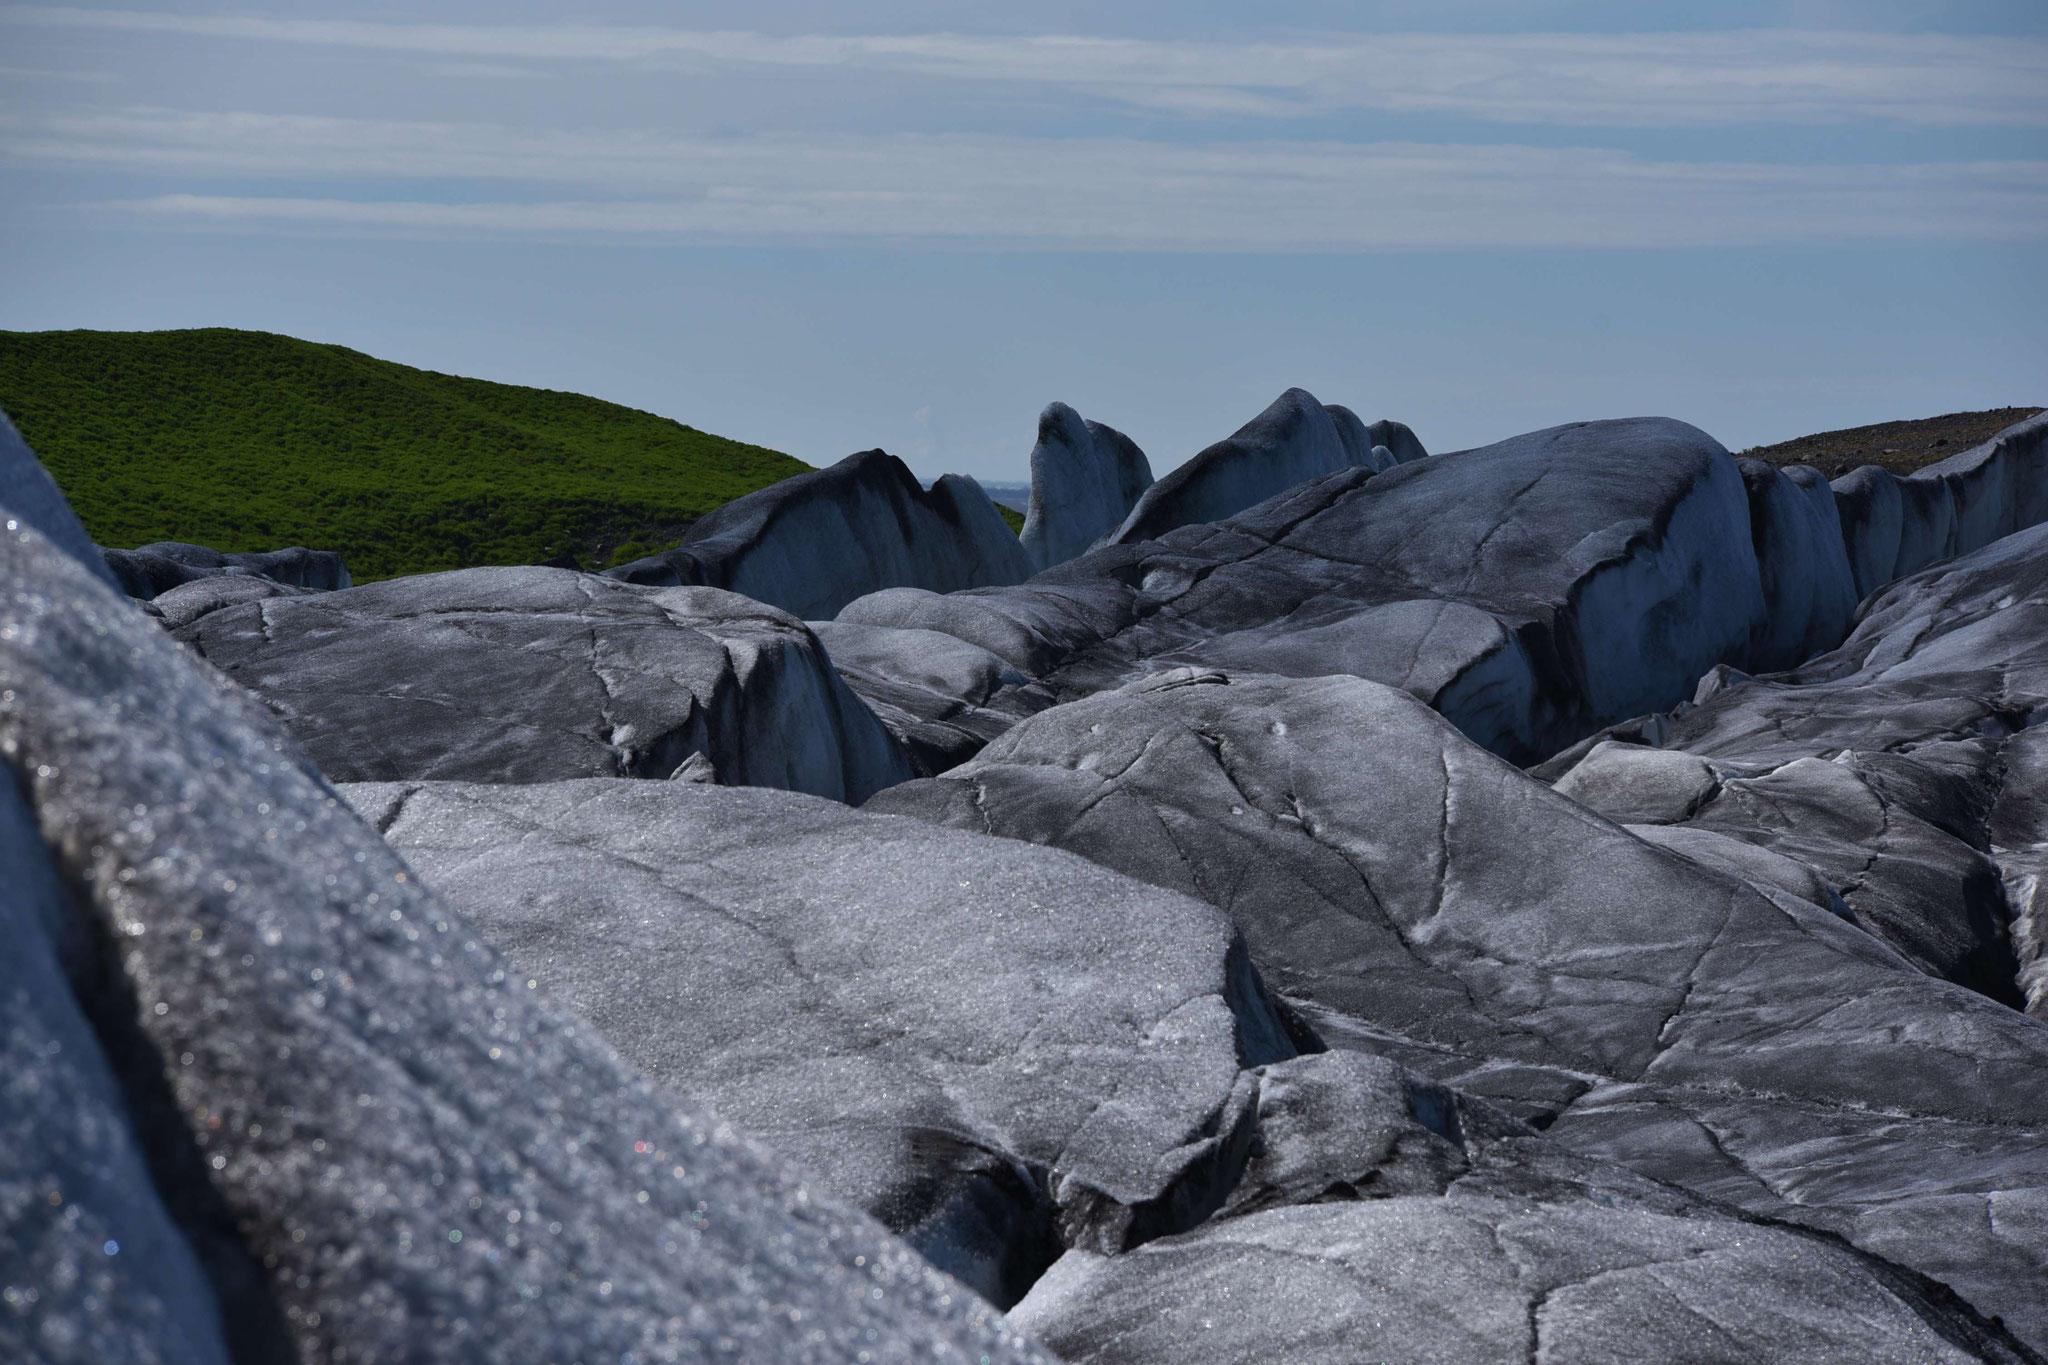 Gletscherwanderung Svinjafelljökull II